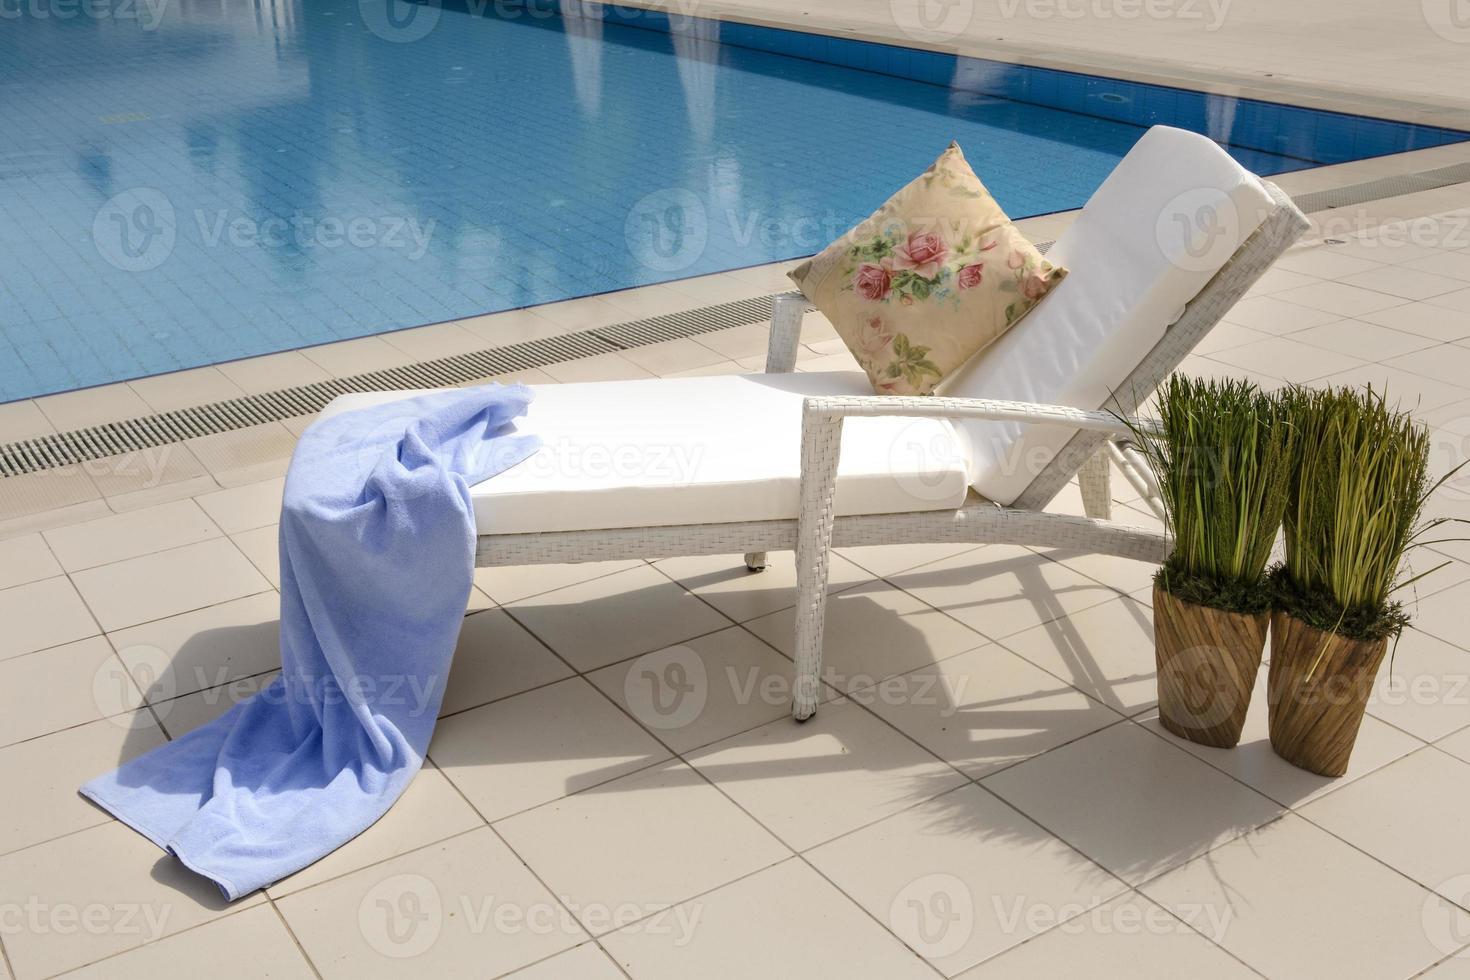 bain de soleil à côté de la piscine dans un hôtel de luxe photo